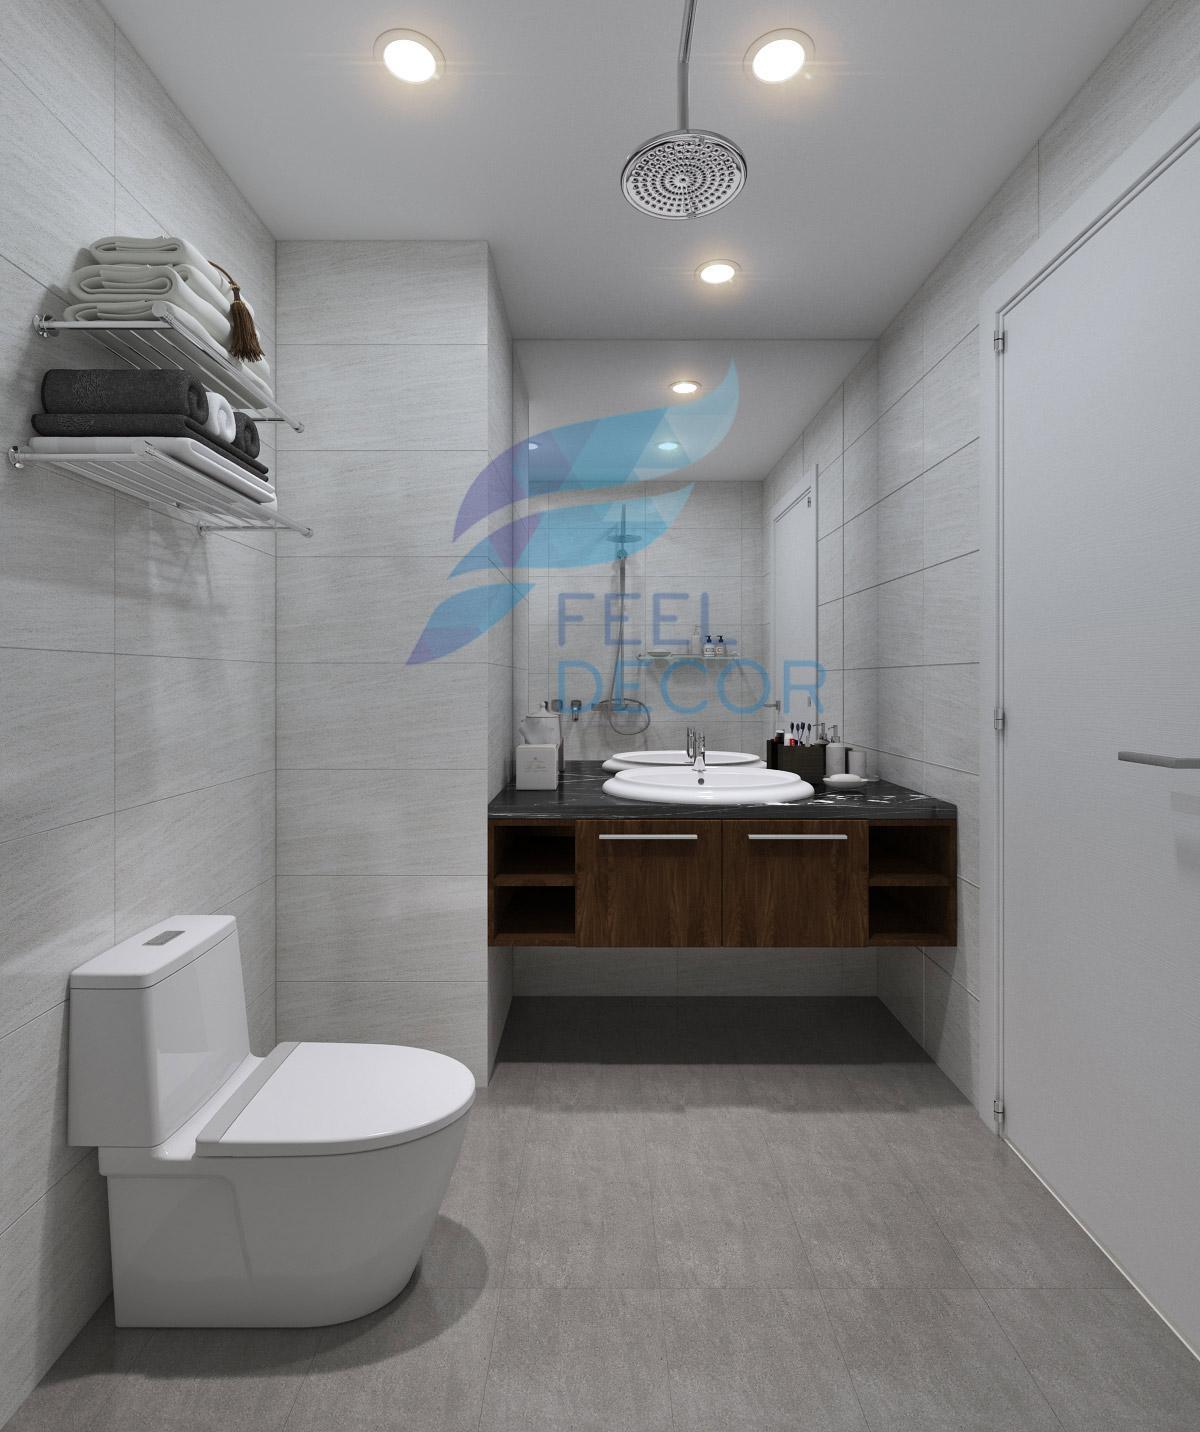 Nội thất phòng vệ sinh căn hộ 3 phòng ngủ